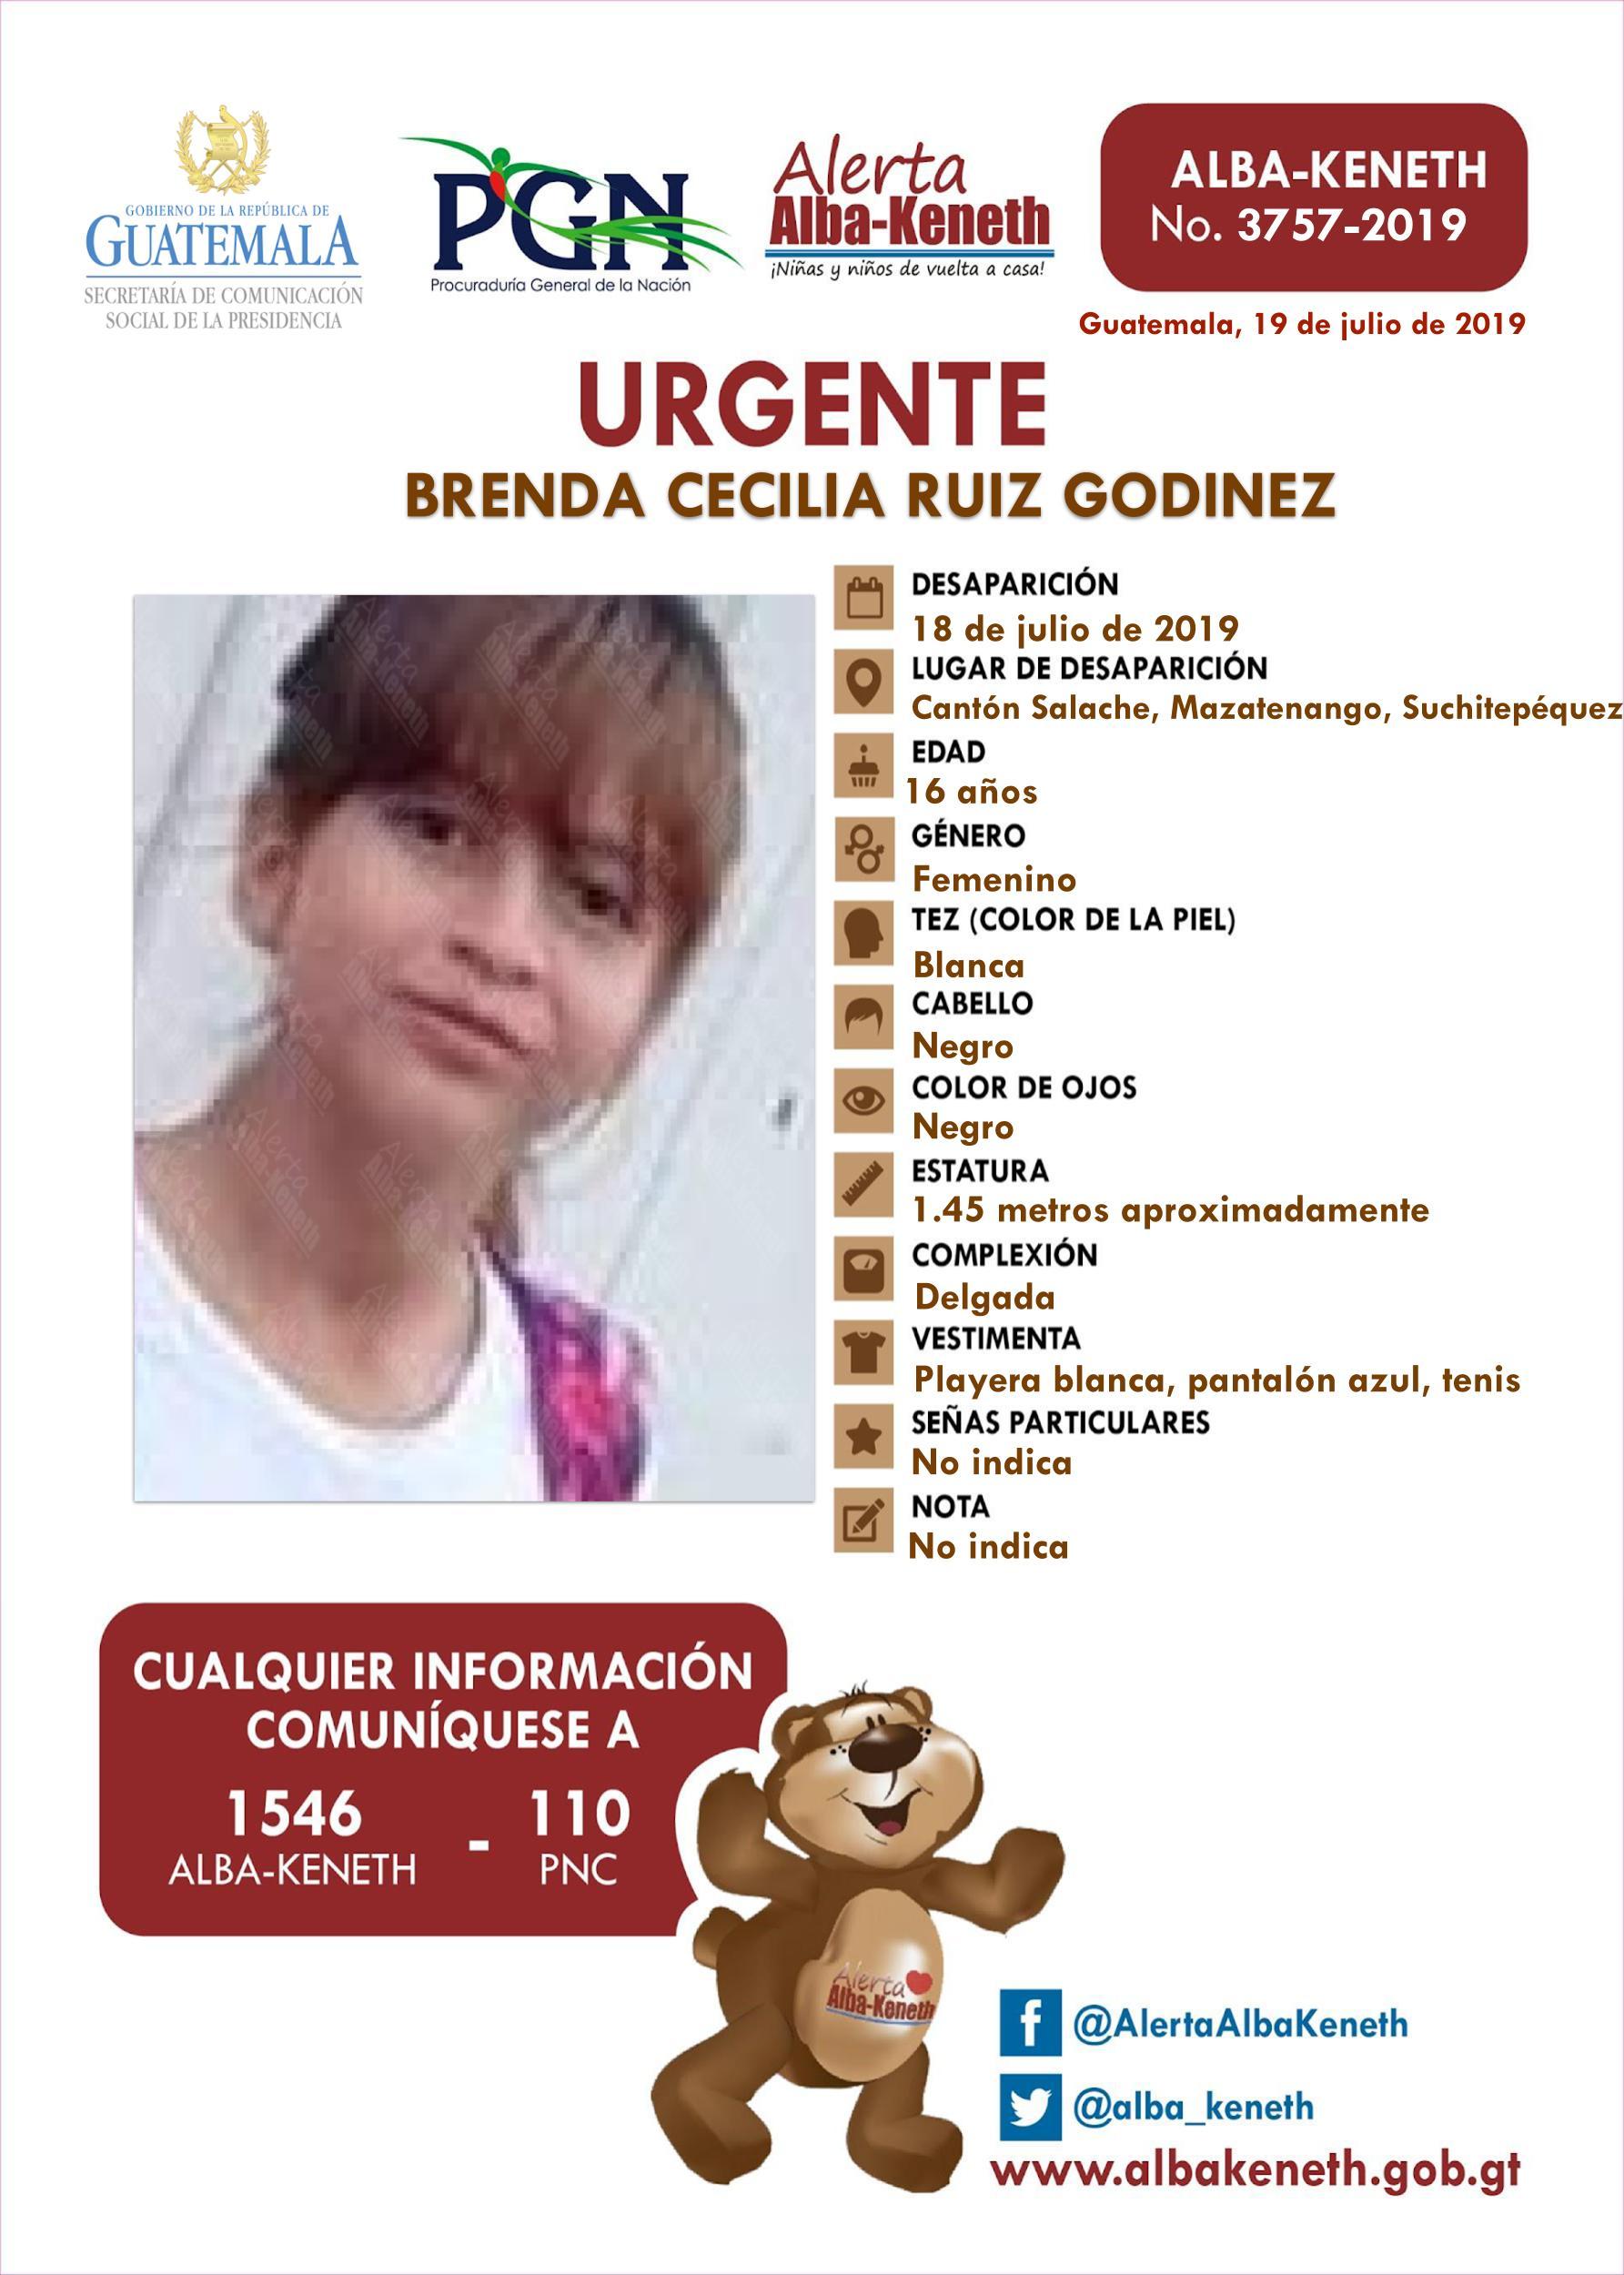 Brenda Cecilia Ruiz Godinez